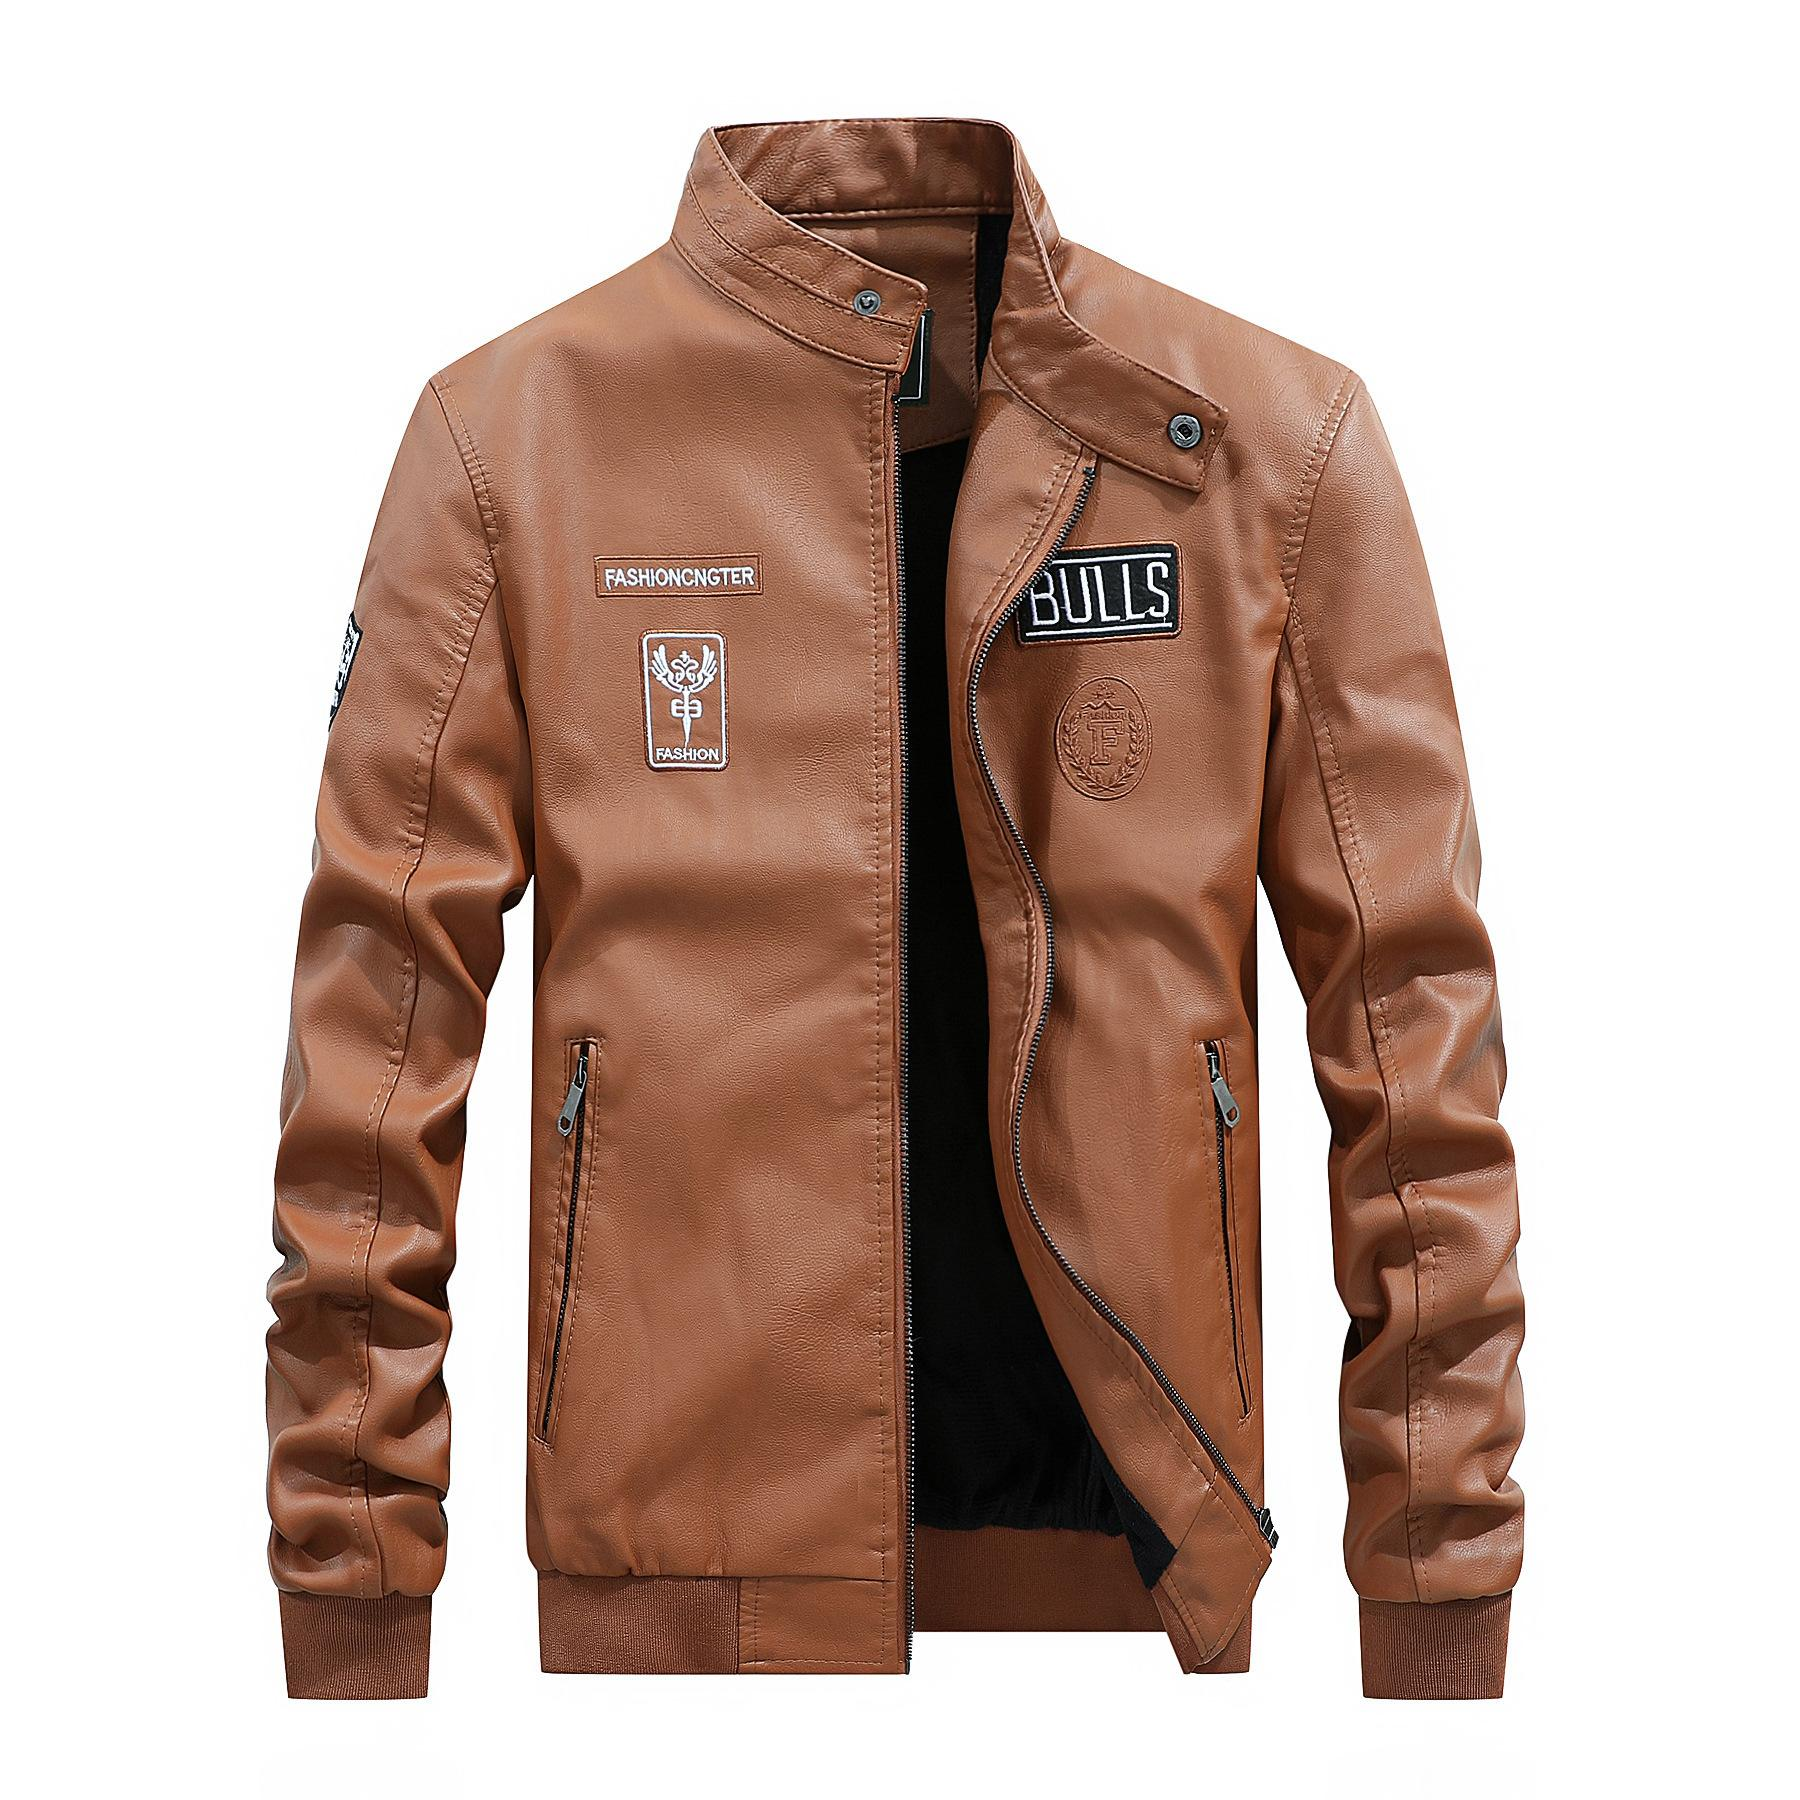 2021 Die neue neue männliche Modekasten große Taschen Lederbraune Jacke 4A24